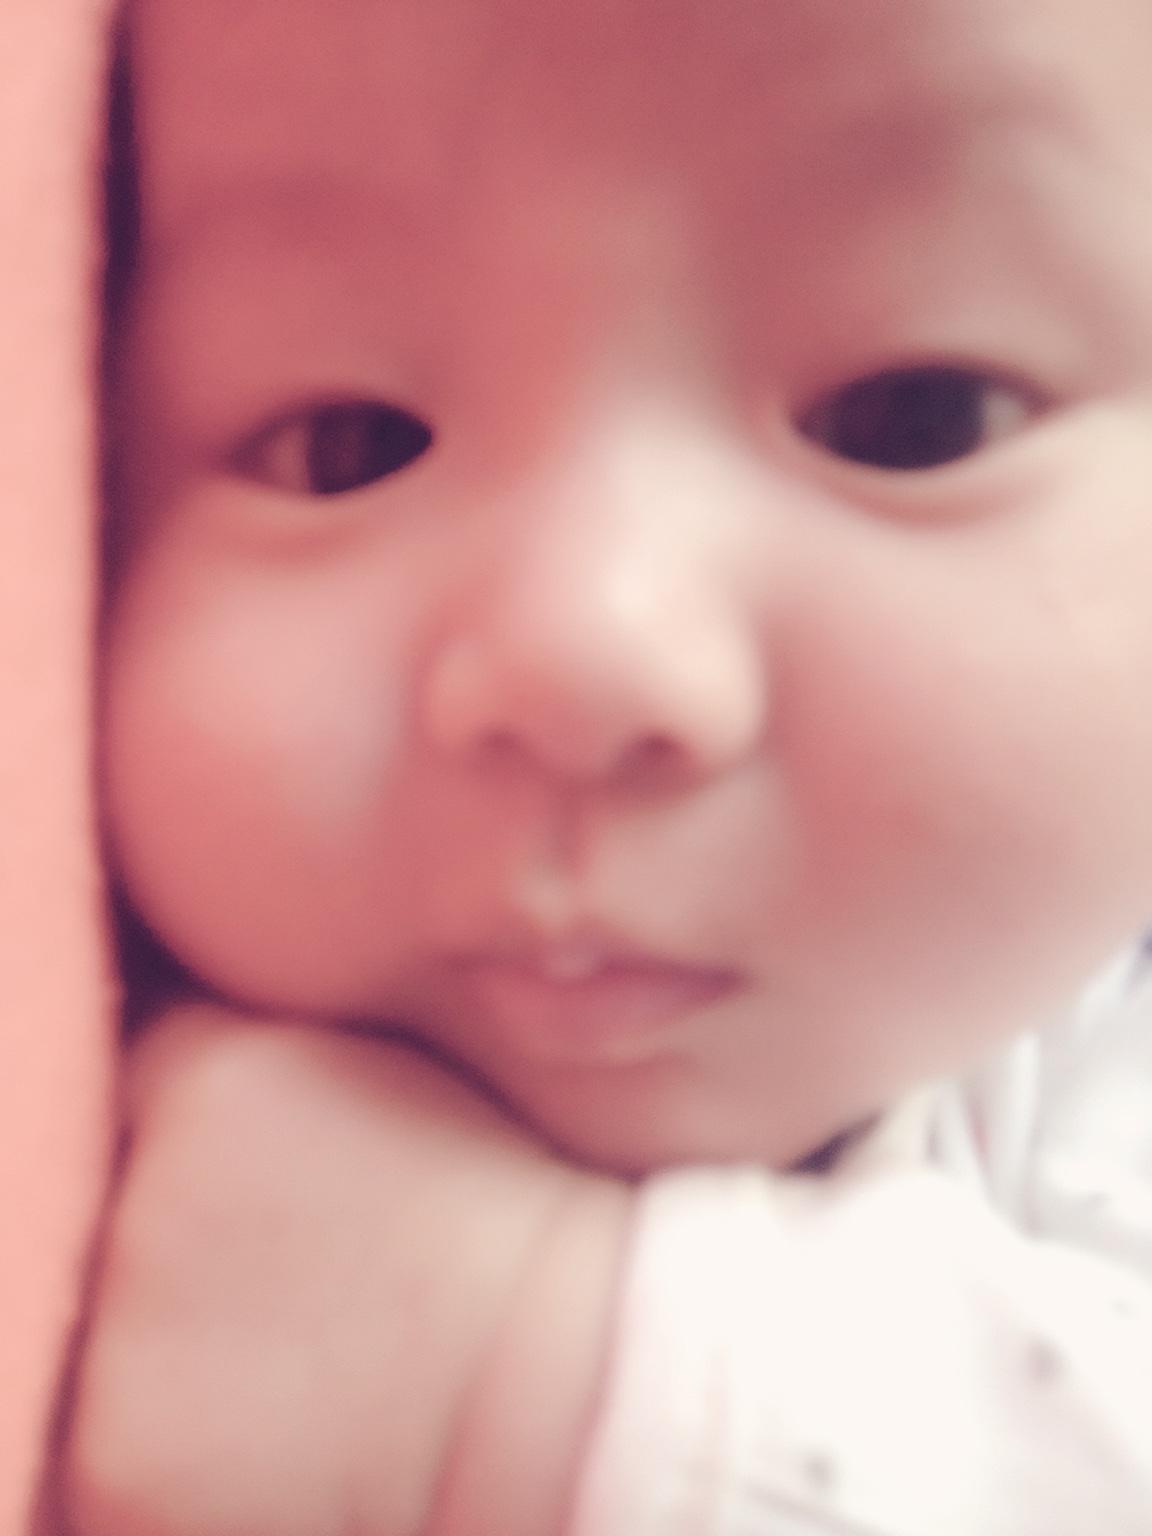 宝宝 壁纸 孩子 小孩 婴儿 1152_1536 竖版 竖屏 手机